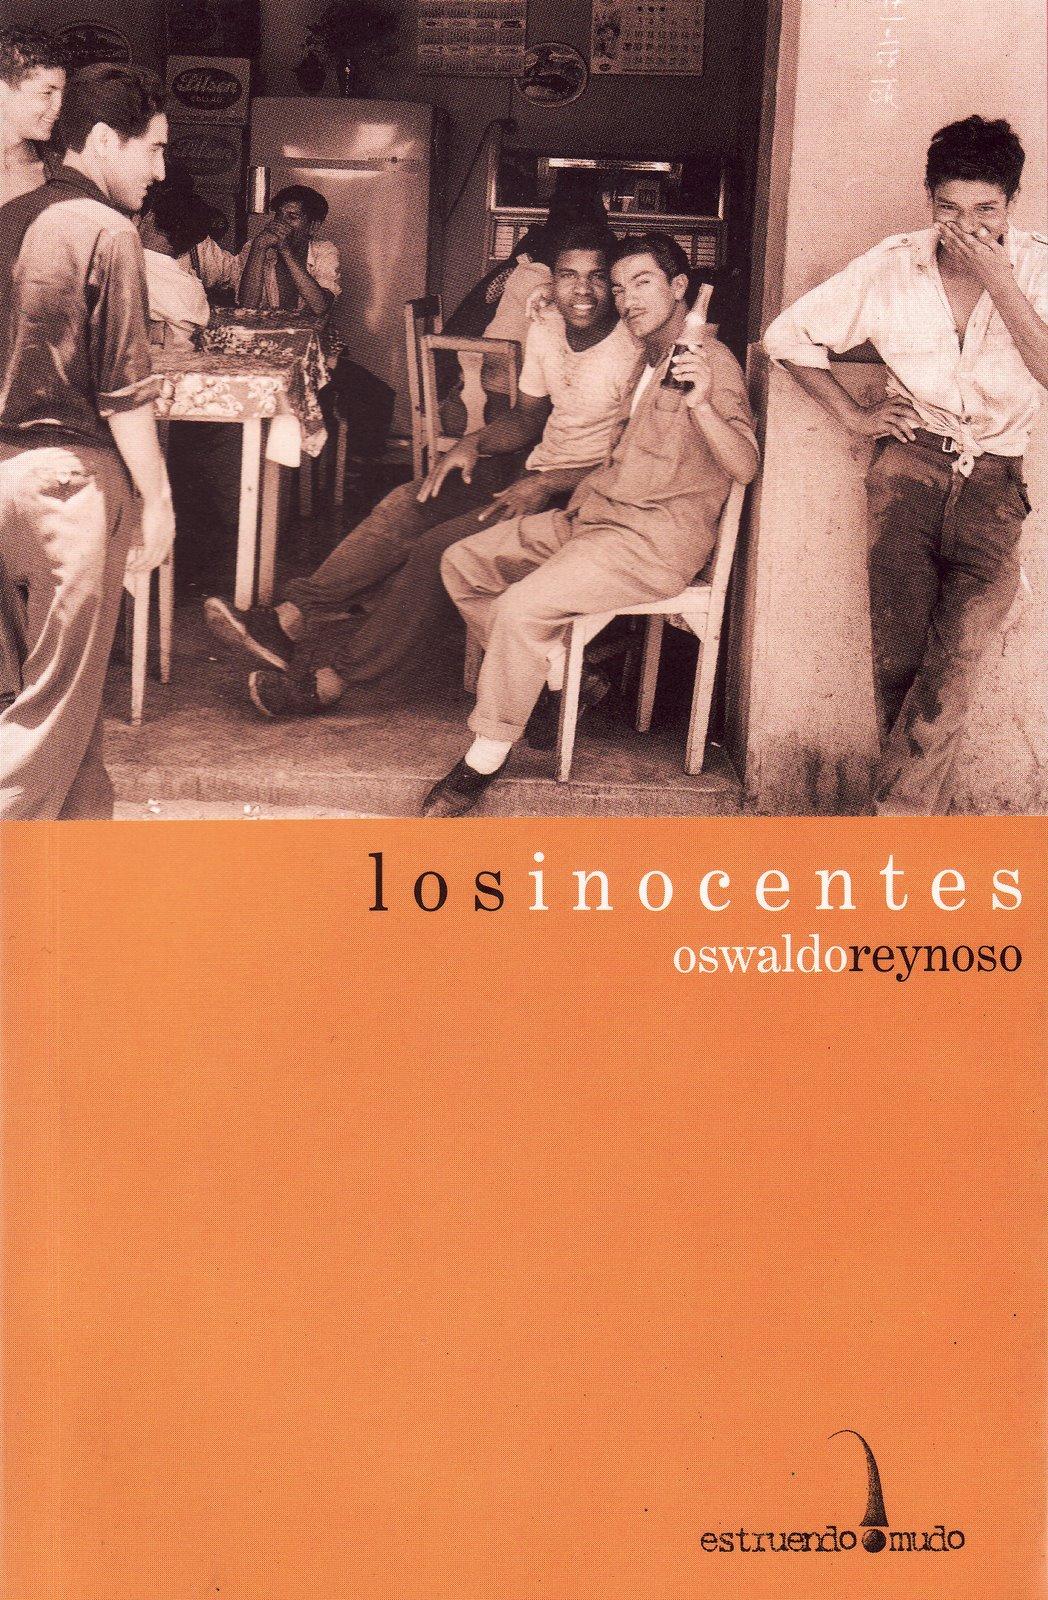 Version Libre: Presentación de Los inocentes de Oswaldo Reynoso